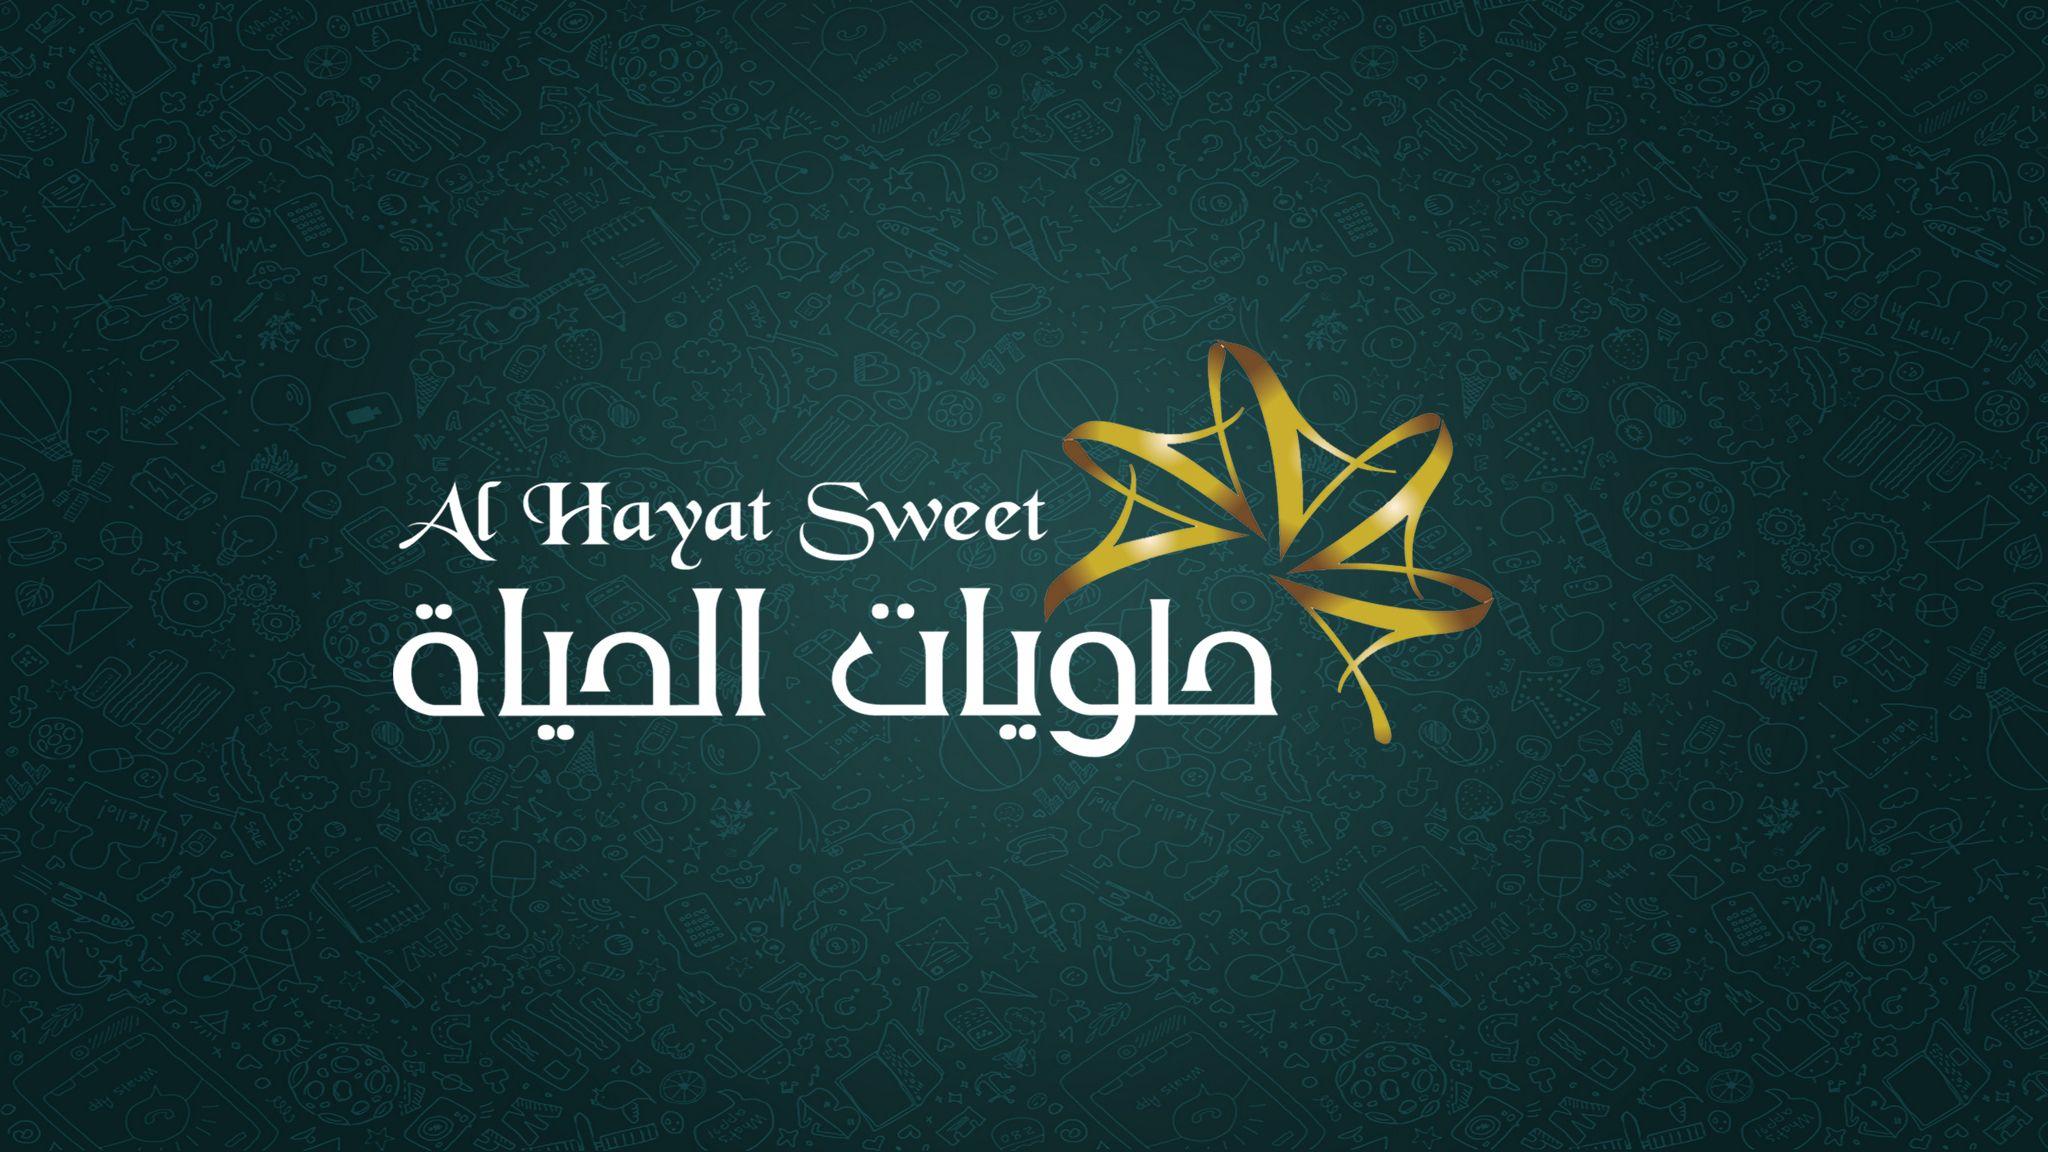 حلويات الحياة الطائف Minţaqat Makkah Enamel Pins Enamel